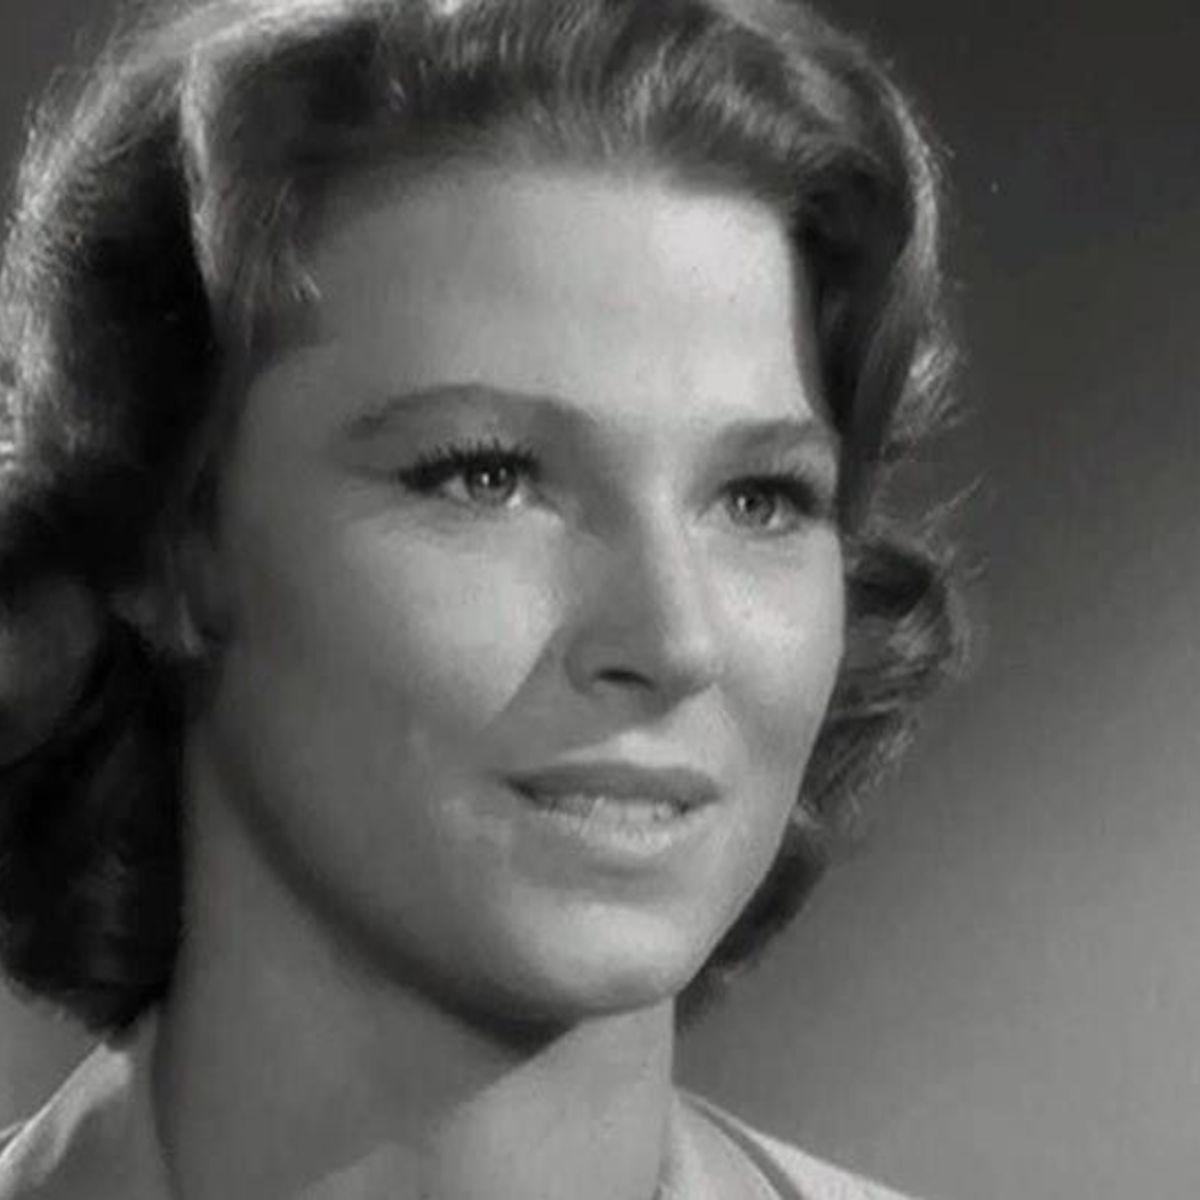 Twilight Zone The Long Morrow hero